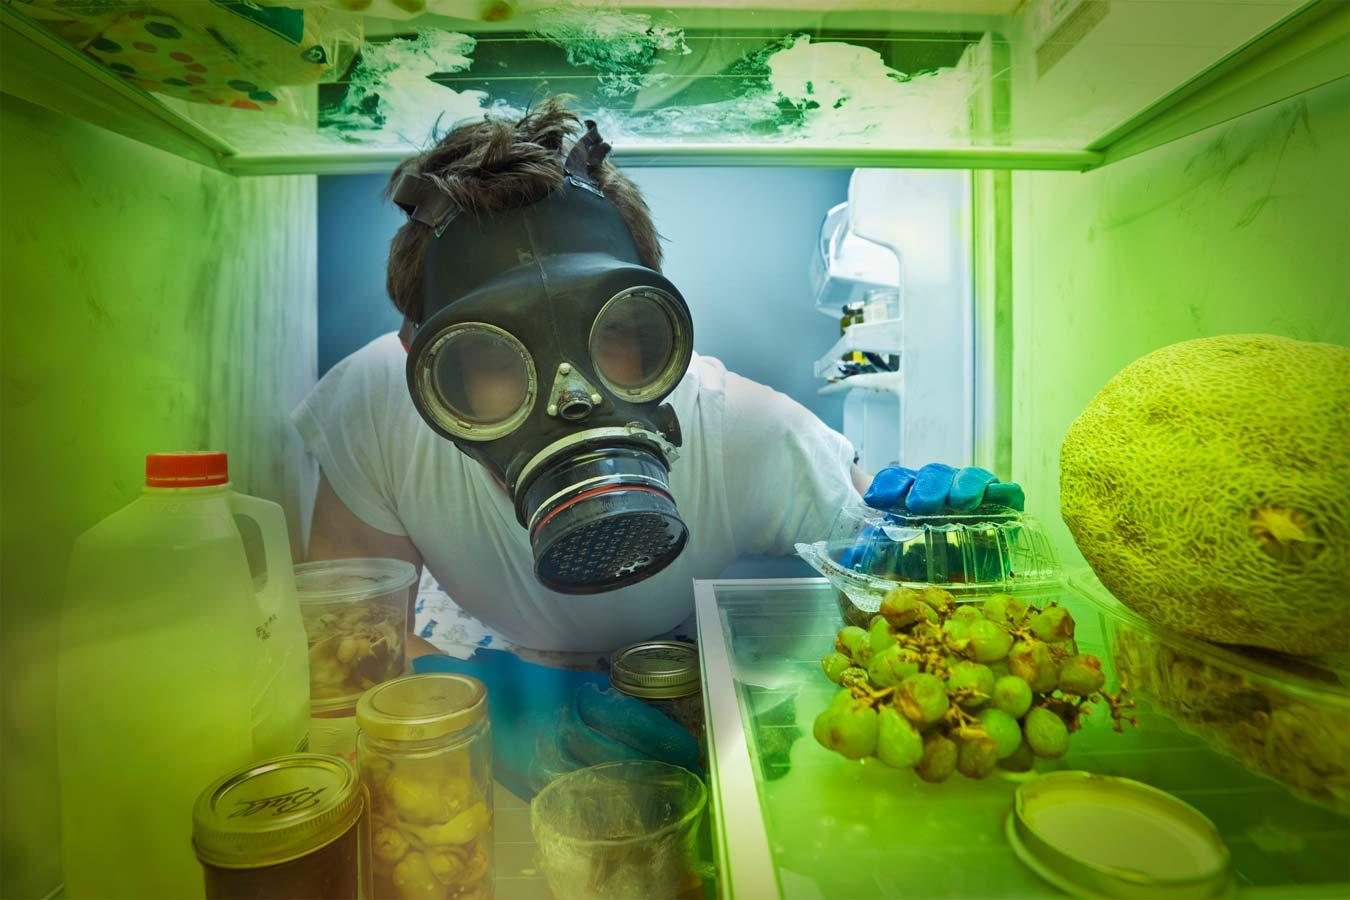 Как убрать запах из холодильника в домашних условиях легко и просто? Поверенные способы избавления от запаха из холодильника - Автор Екатерина Данилова